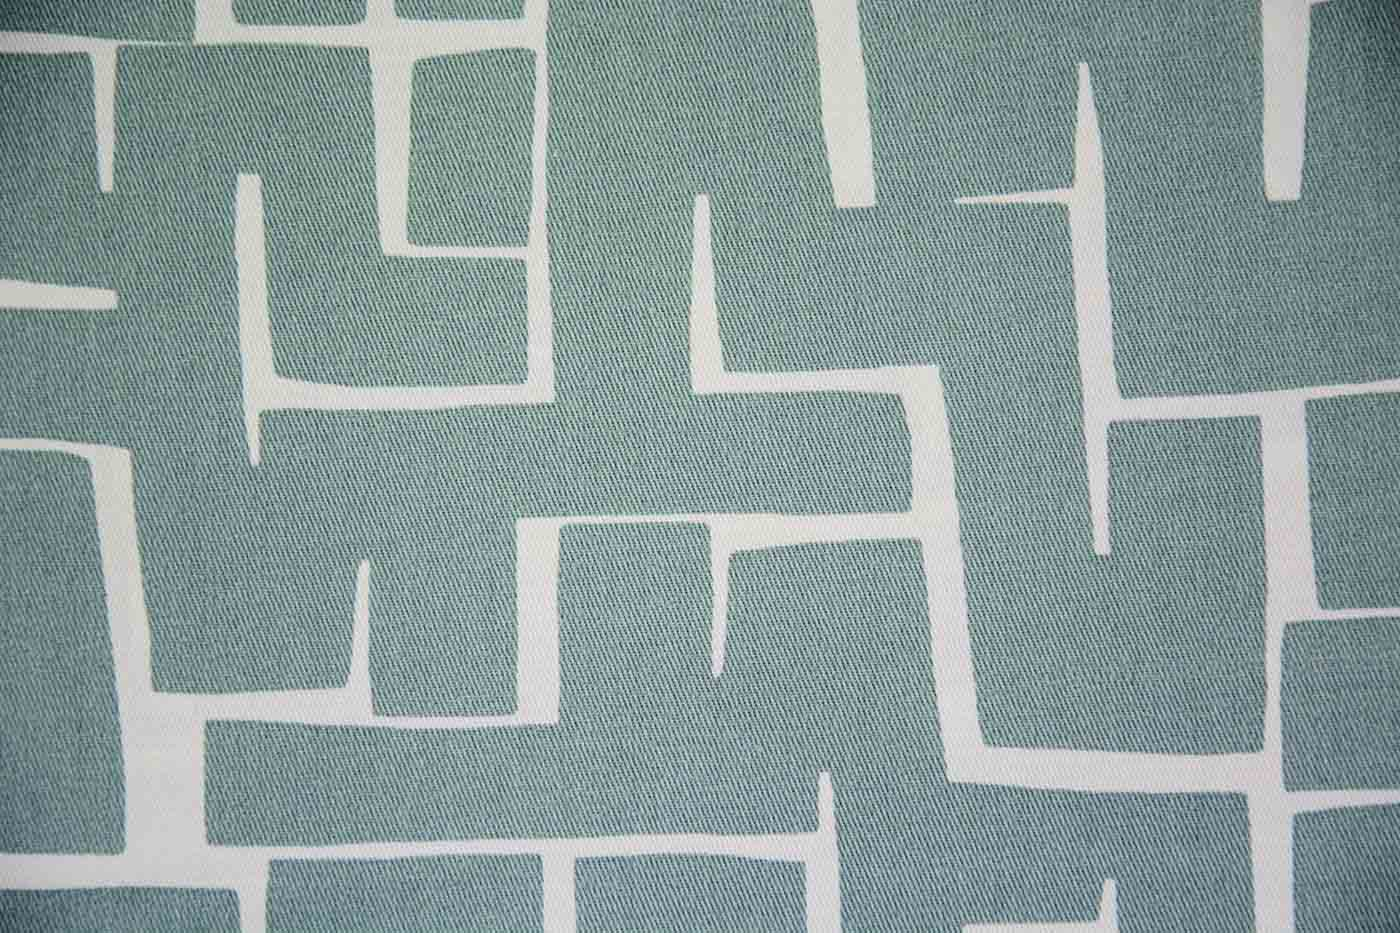 Detall estampat tèxtil blau clar sobre blanc